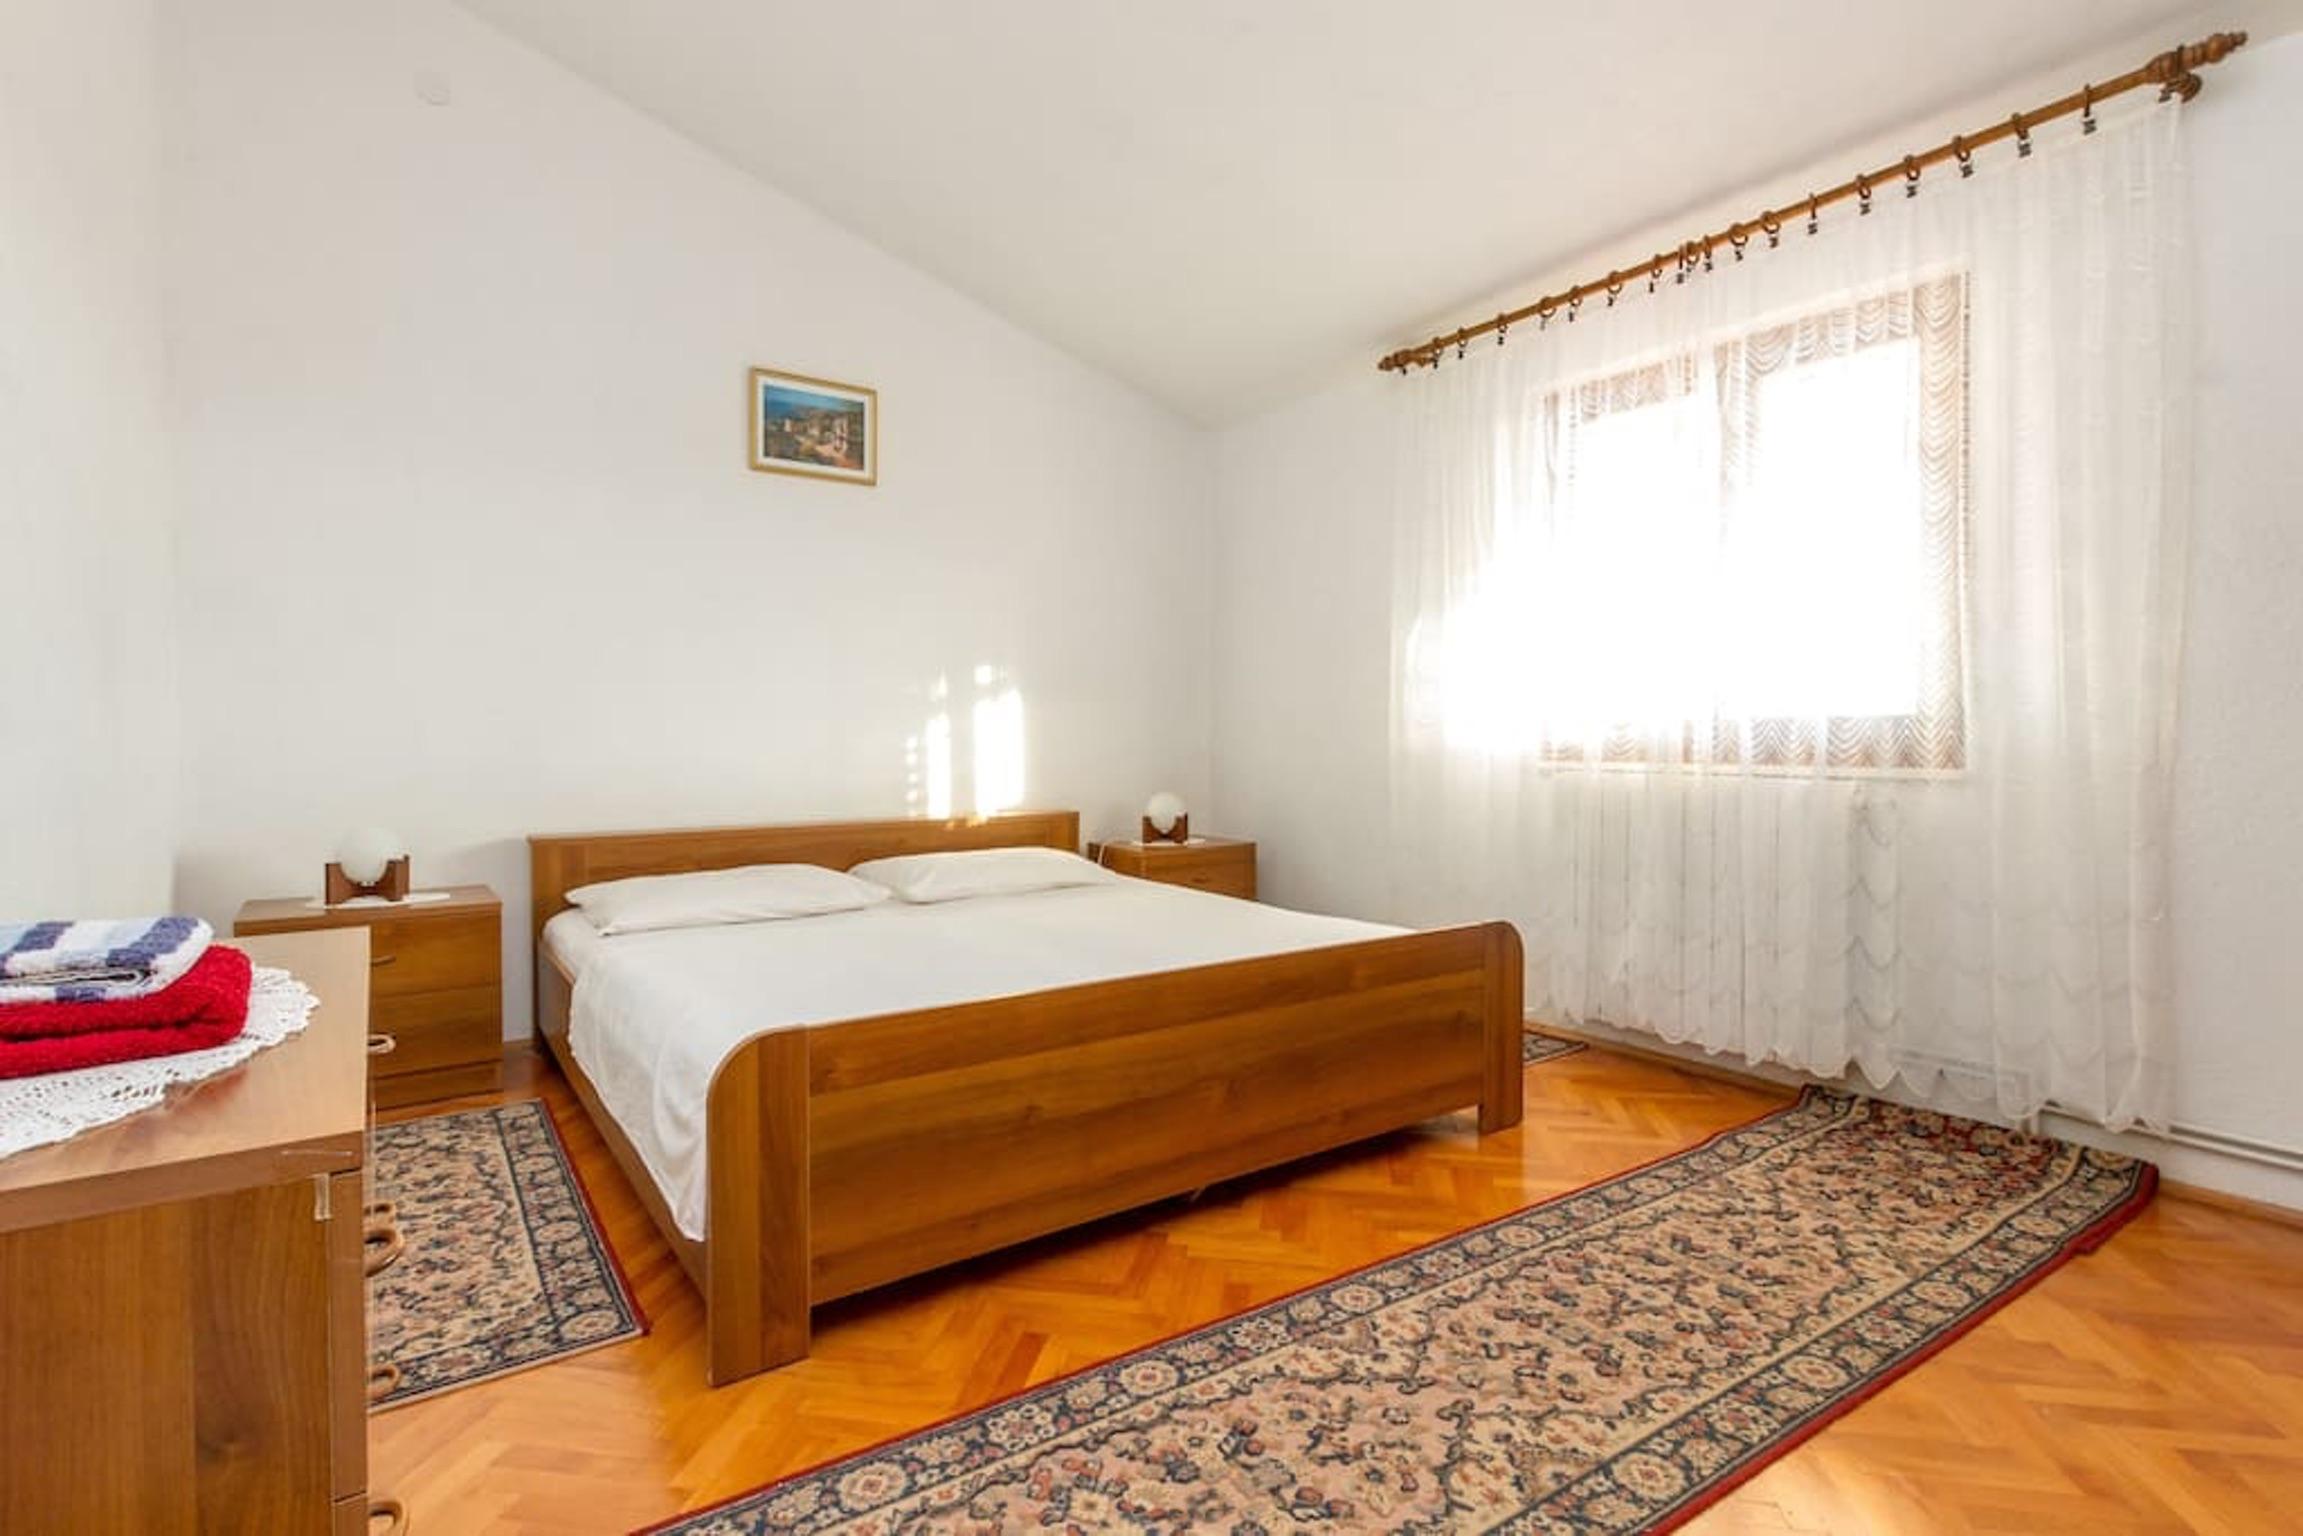 Ferienwohnung Wohnung mit 3 Zimmern in Seget Vranjica mit herrlichem Meerblick und eingezäuntem Garten - (2339638), Seget Donji, , Dalmatien, Kroatien, Bild 6